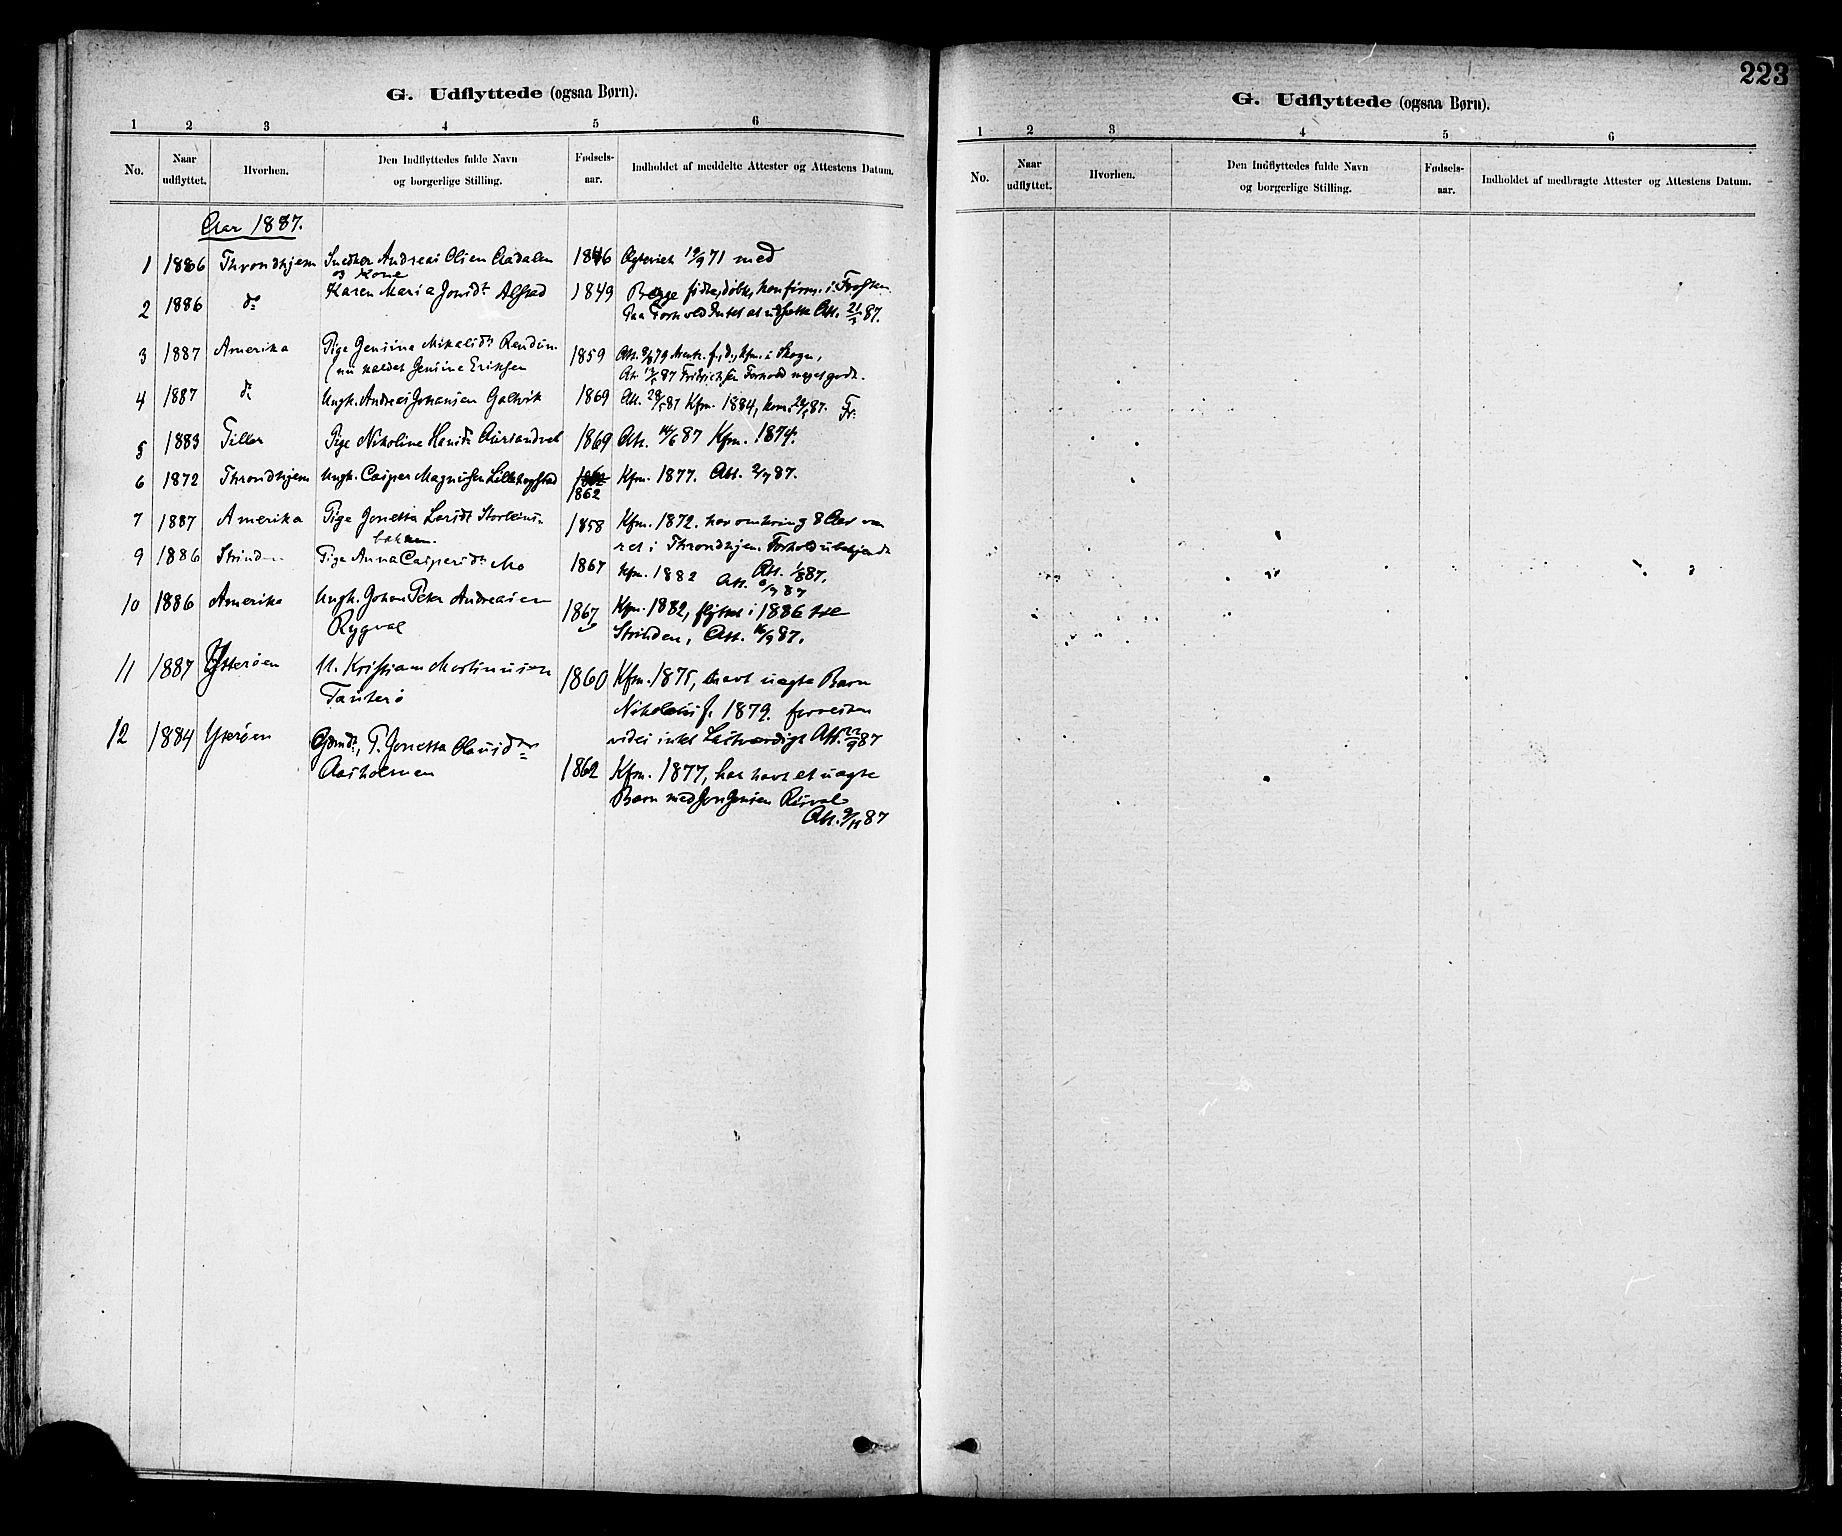 SAT, Ministerialprotokoller, klokkerbøker og fødselsregistre - Nord-Trøndelag, 713/L0120: Ministerialbok nr. 713A09, 1878-1887, s. 223